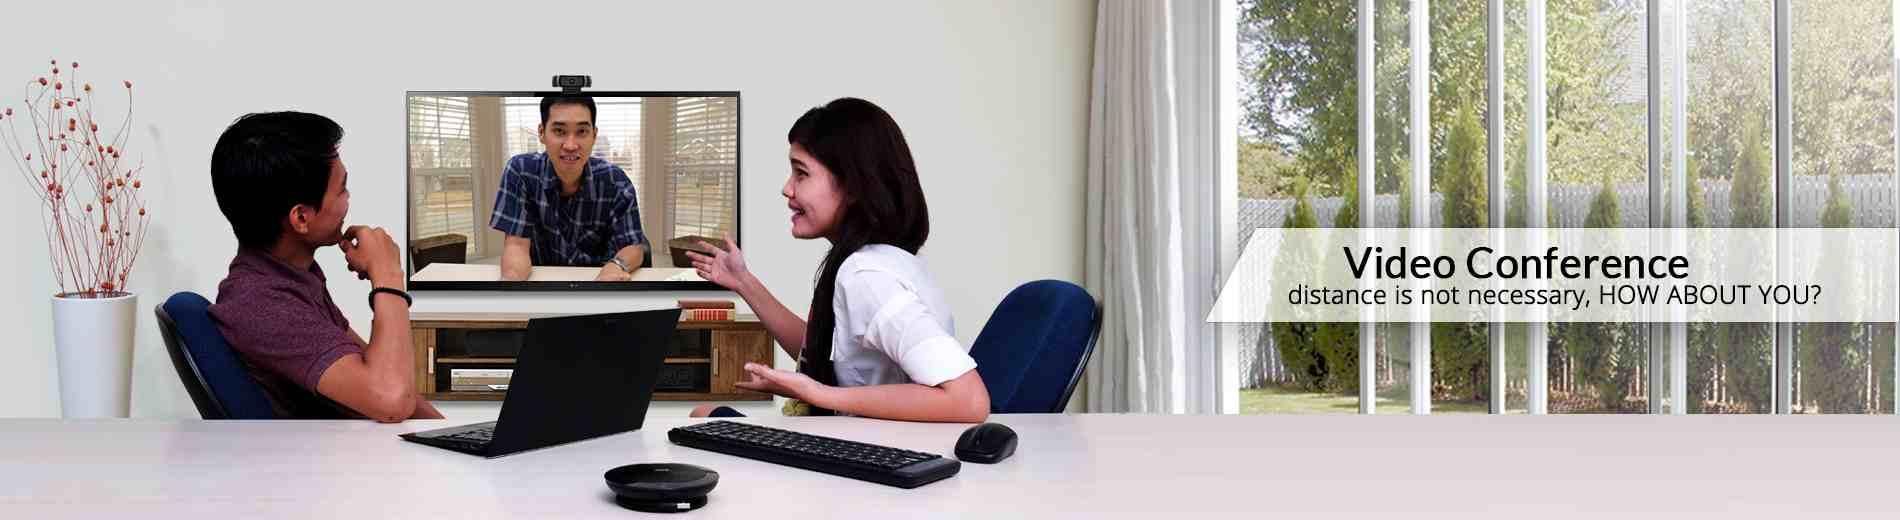 videoconference1-